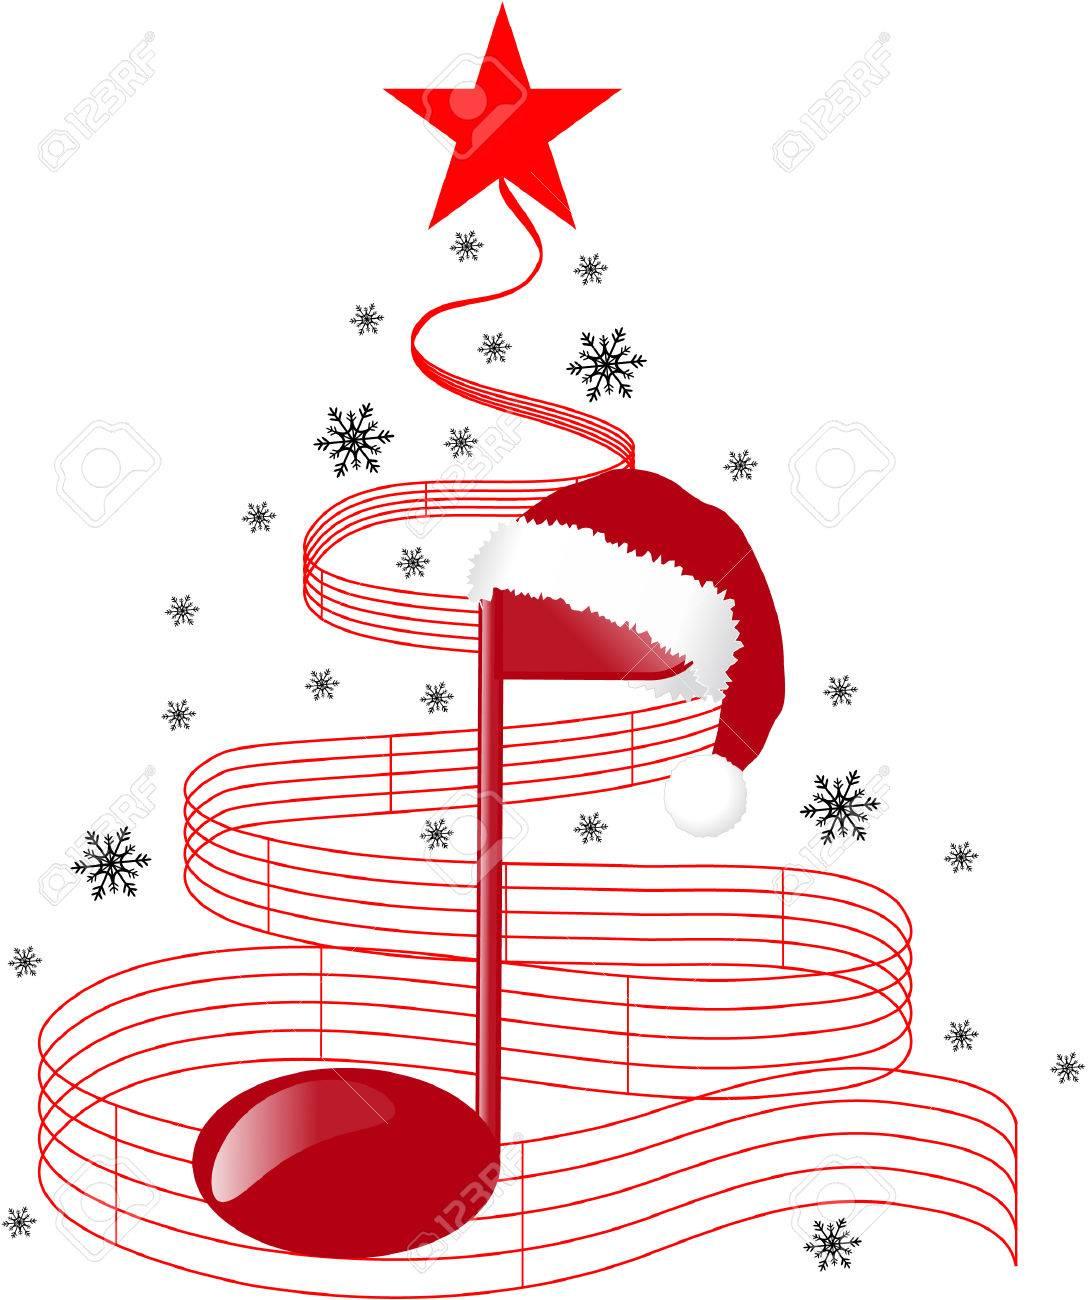 Christmas Music Images.Christmas Music